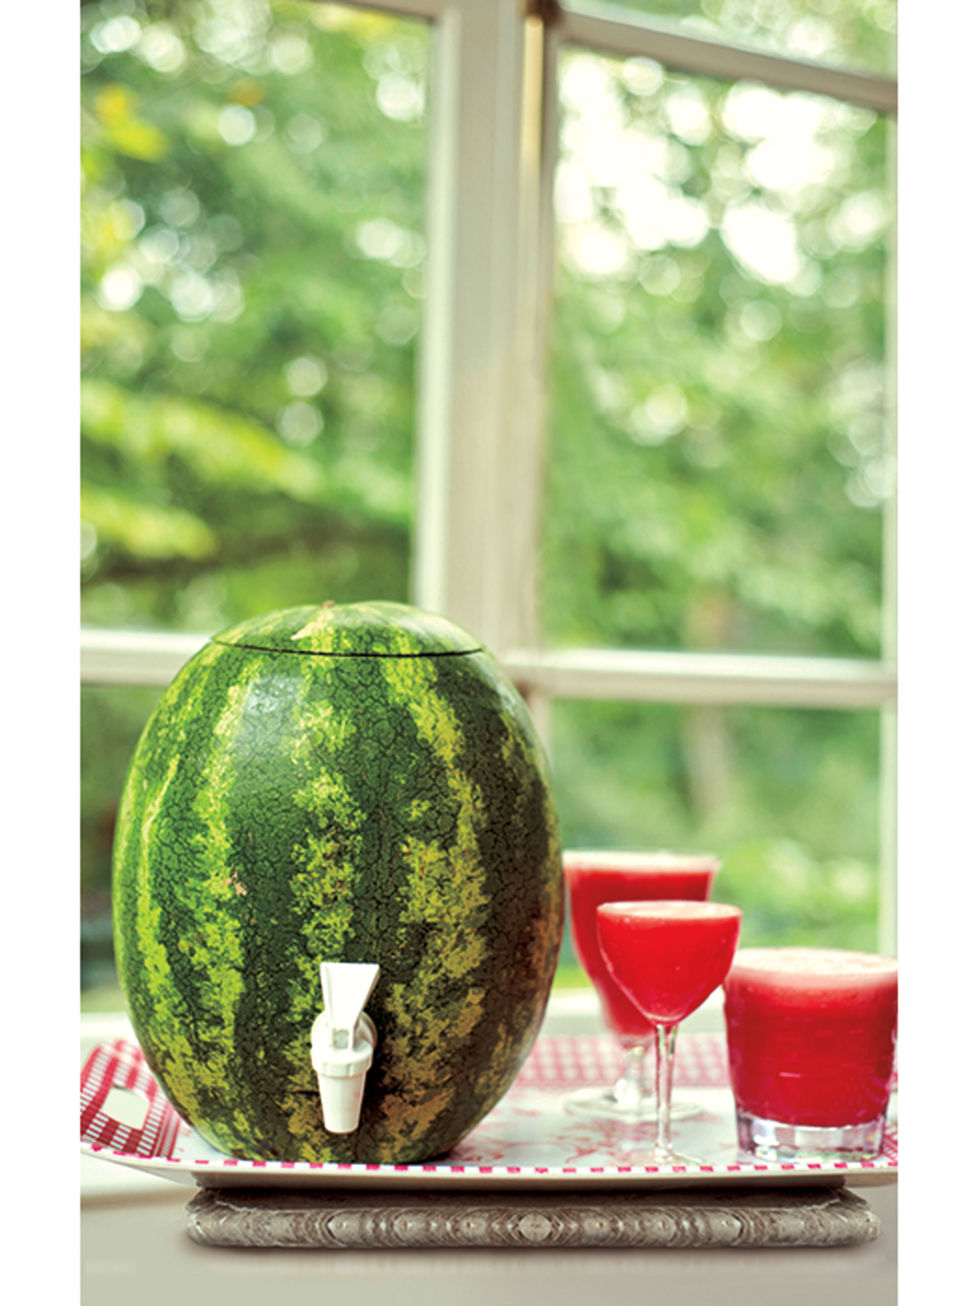 548f431d356f8   rbk watermelon keg 0414 s2